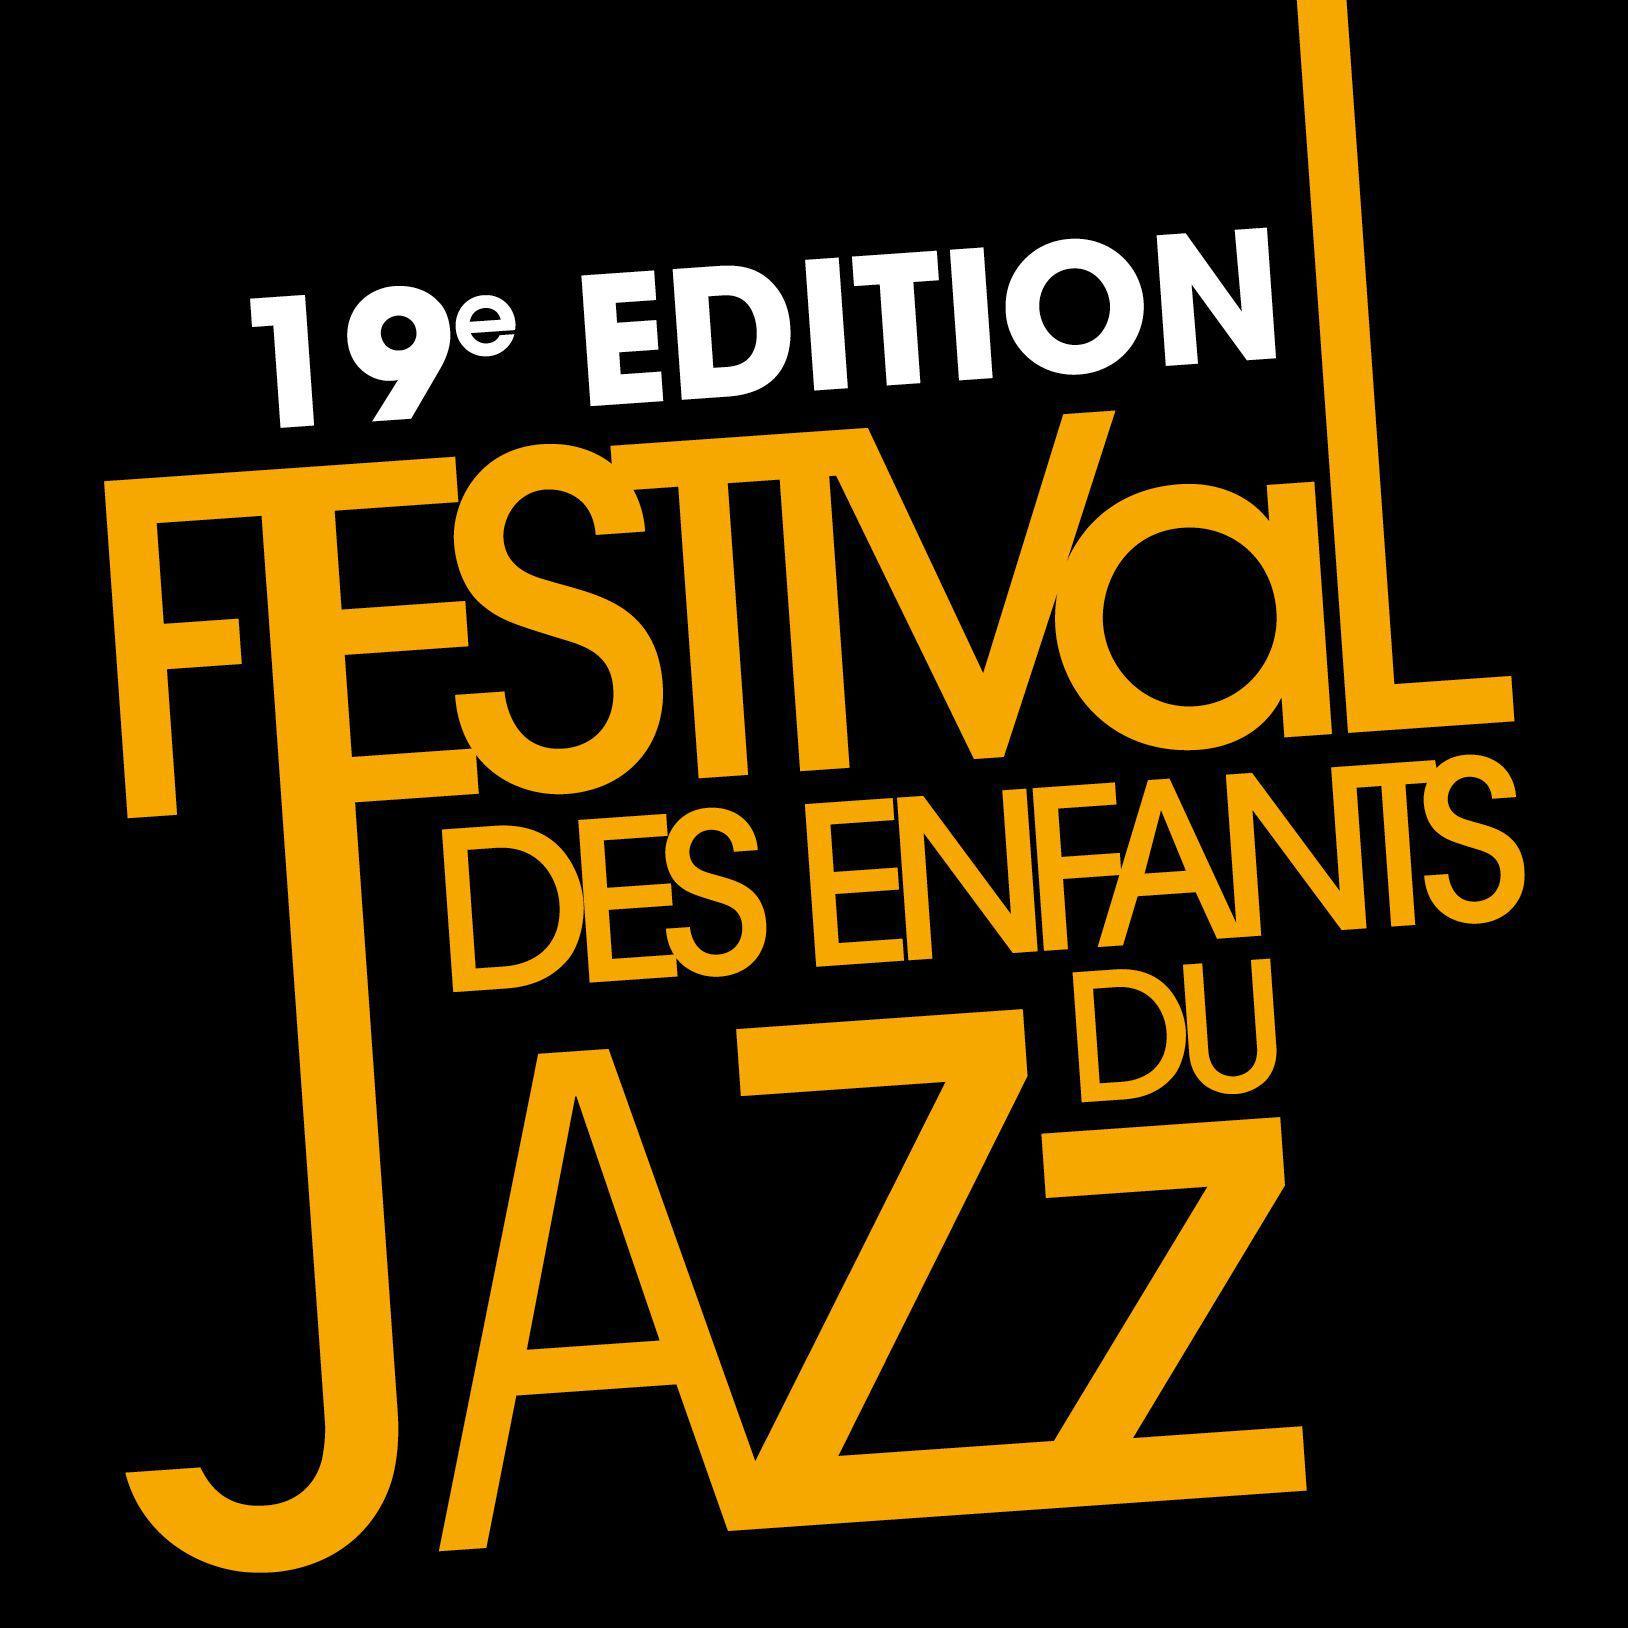 Festival des enfants du Jazz